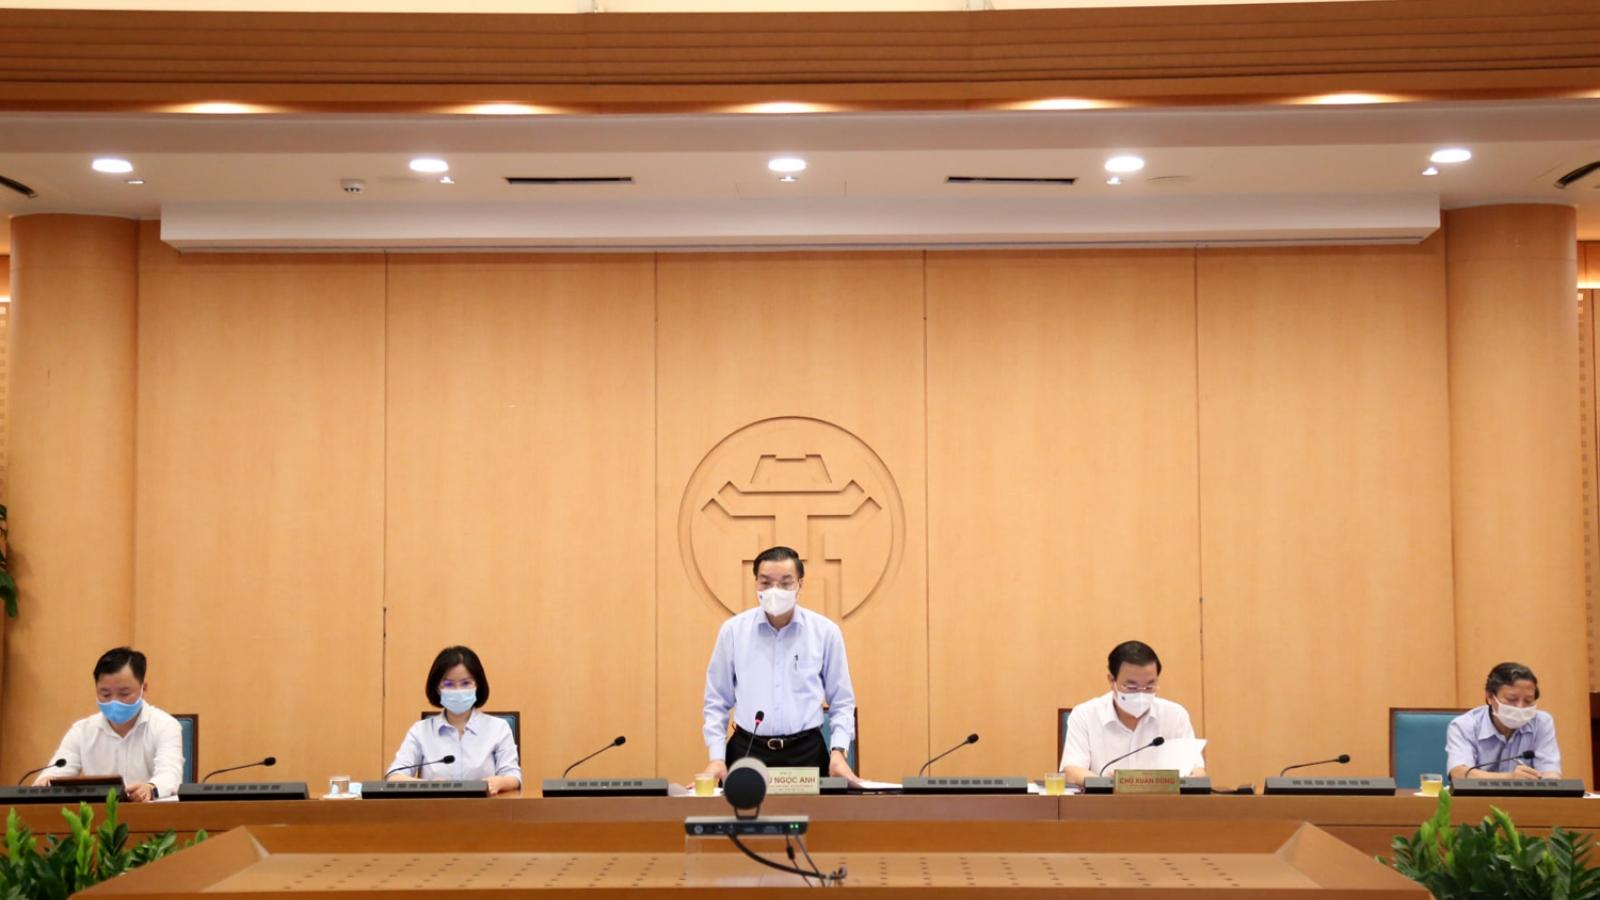 Chủ tịch TP Hà Nội: Kiểm soát dịch Covid-19 cần thì gọi điện xin ý kiến cho kịp